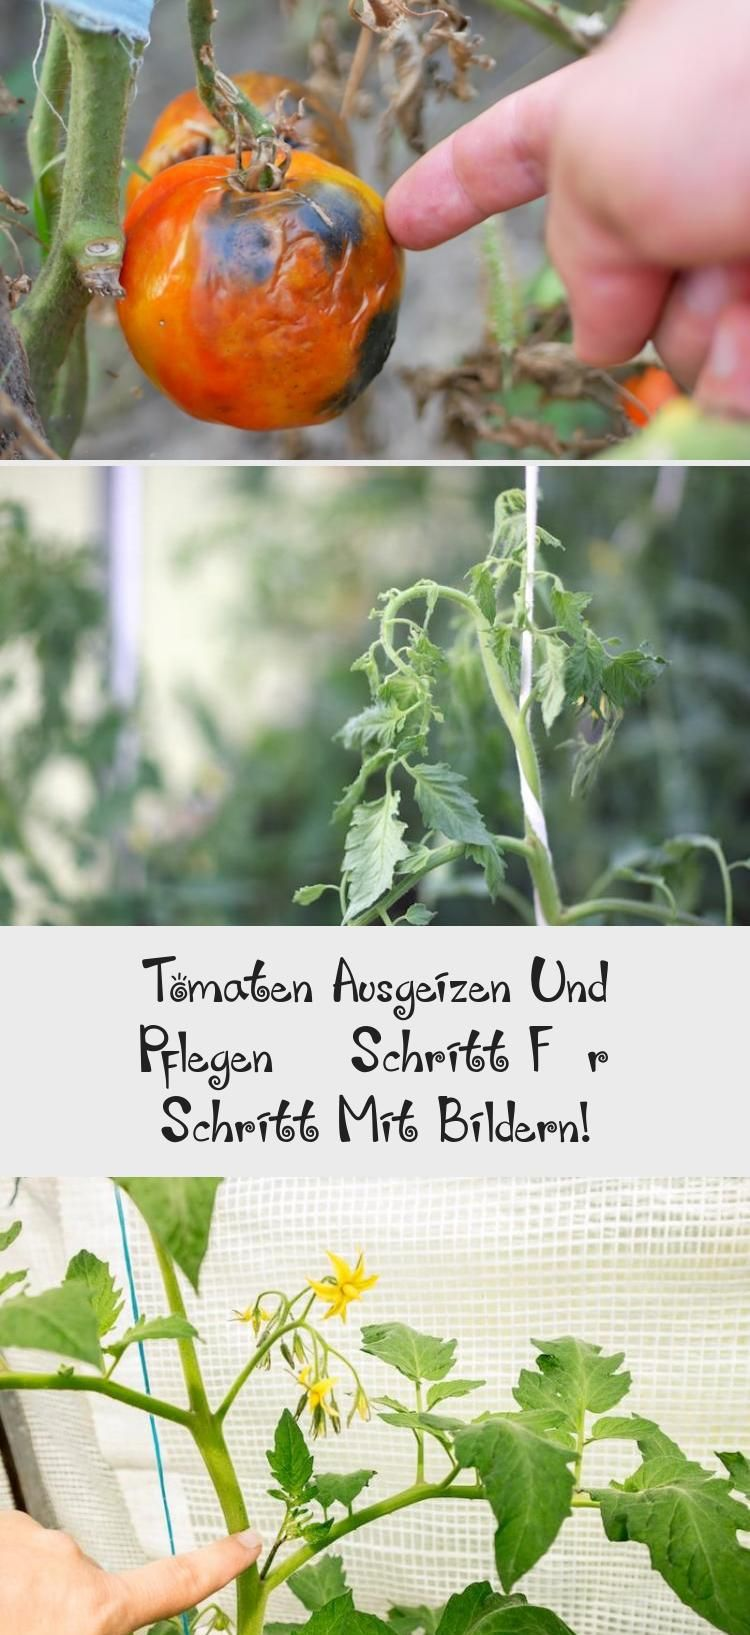 Tomaten Ausgeizen Und Pflegen Schritt Fur Schritt Mit Bildern Tomato Modern Outdoor Chairs Garten Ideen